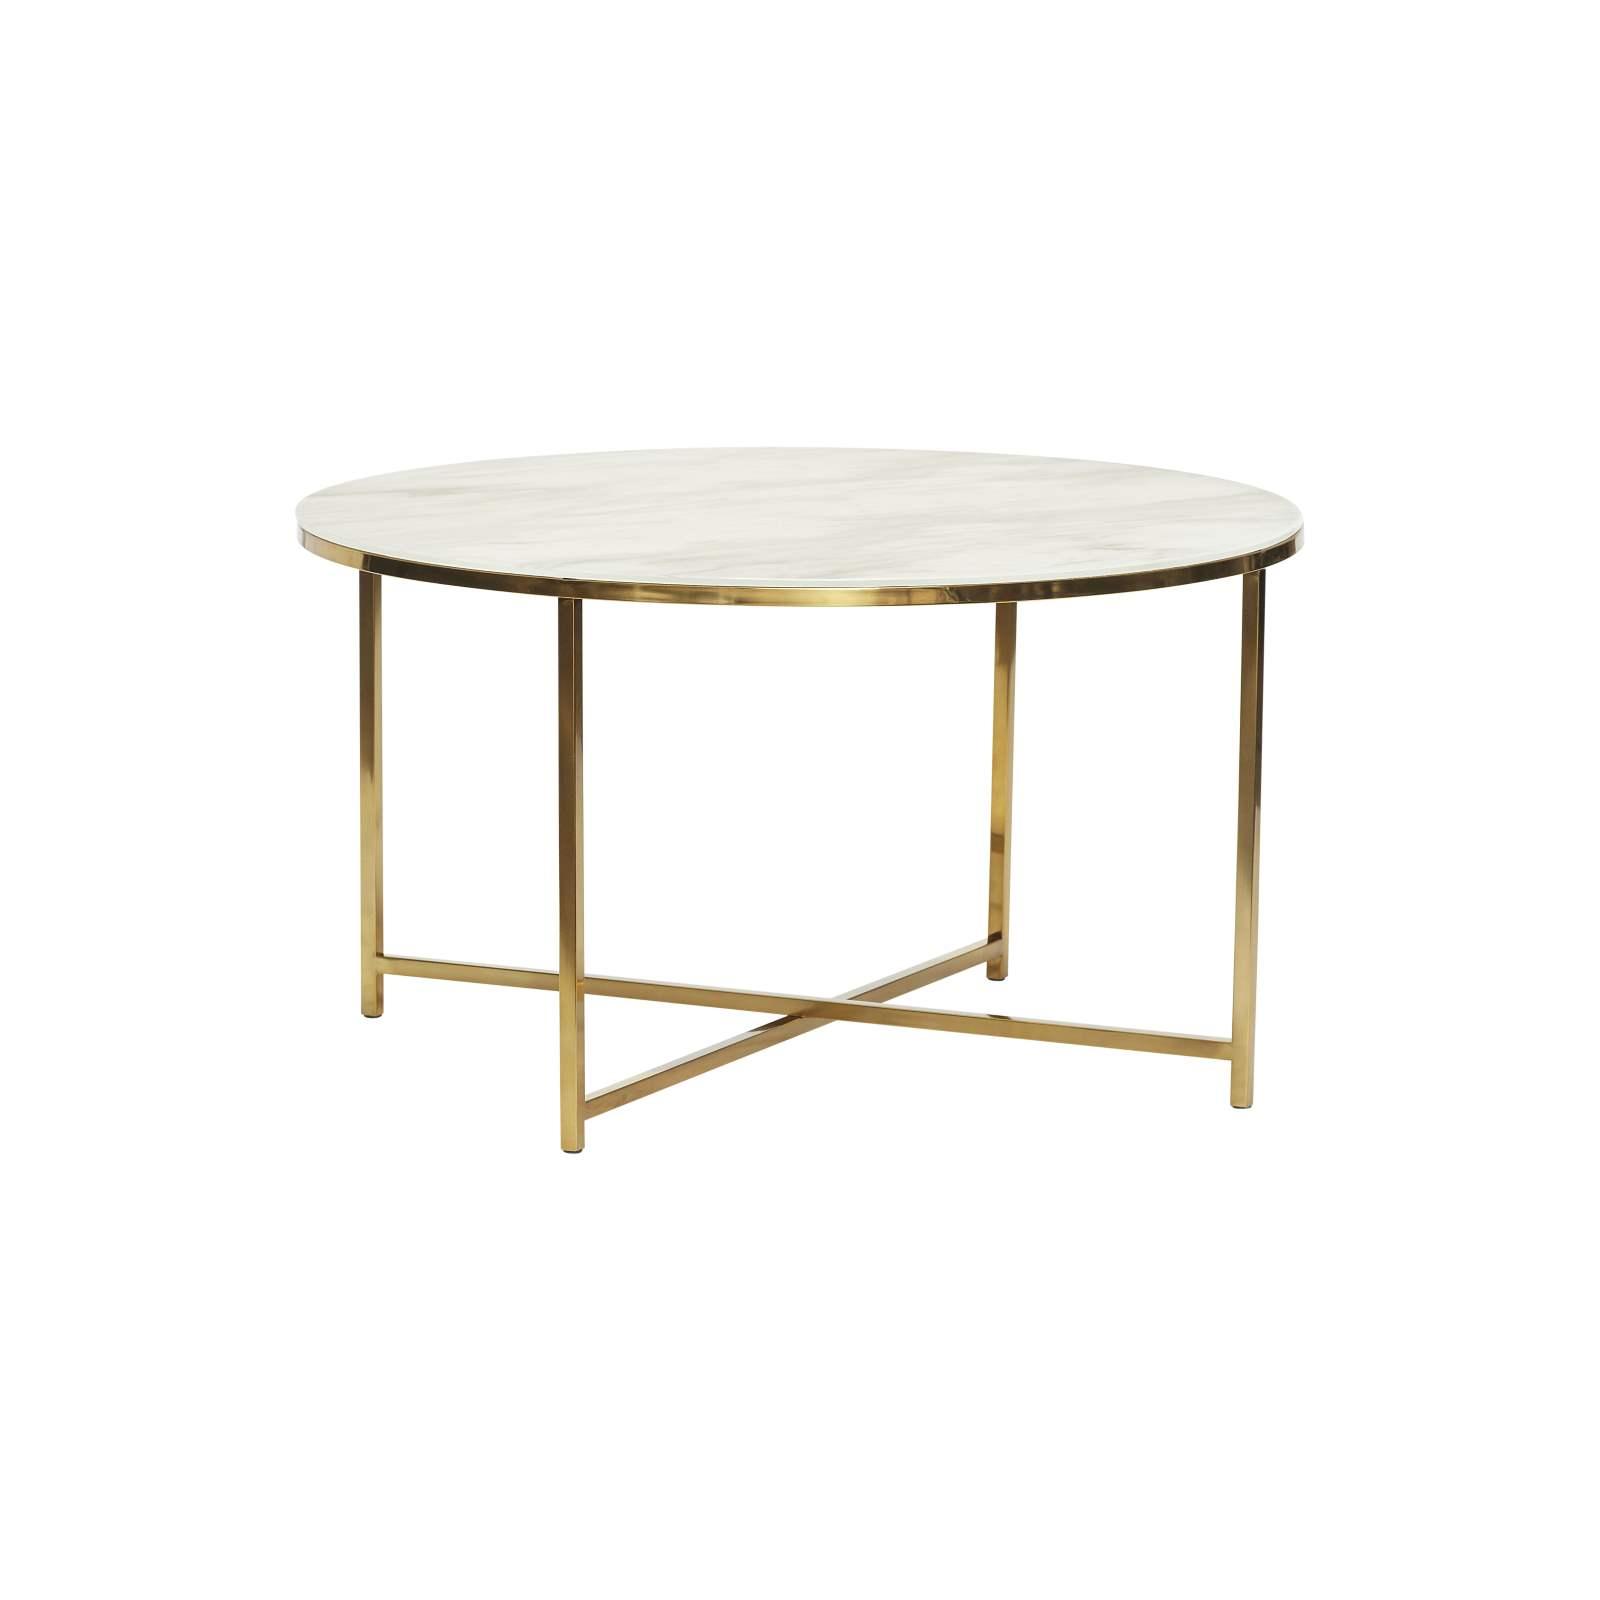 Runt soffbord vit marmorlook / guld, Hubsch